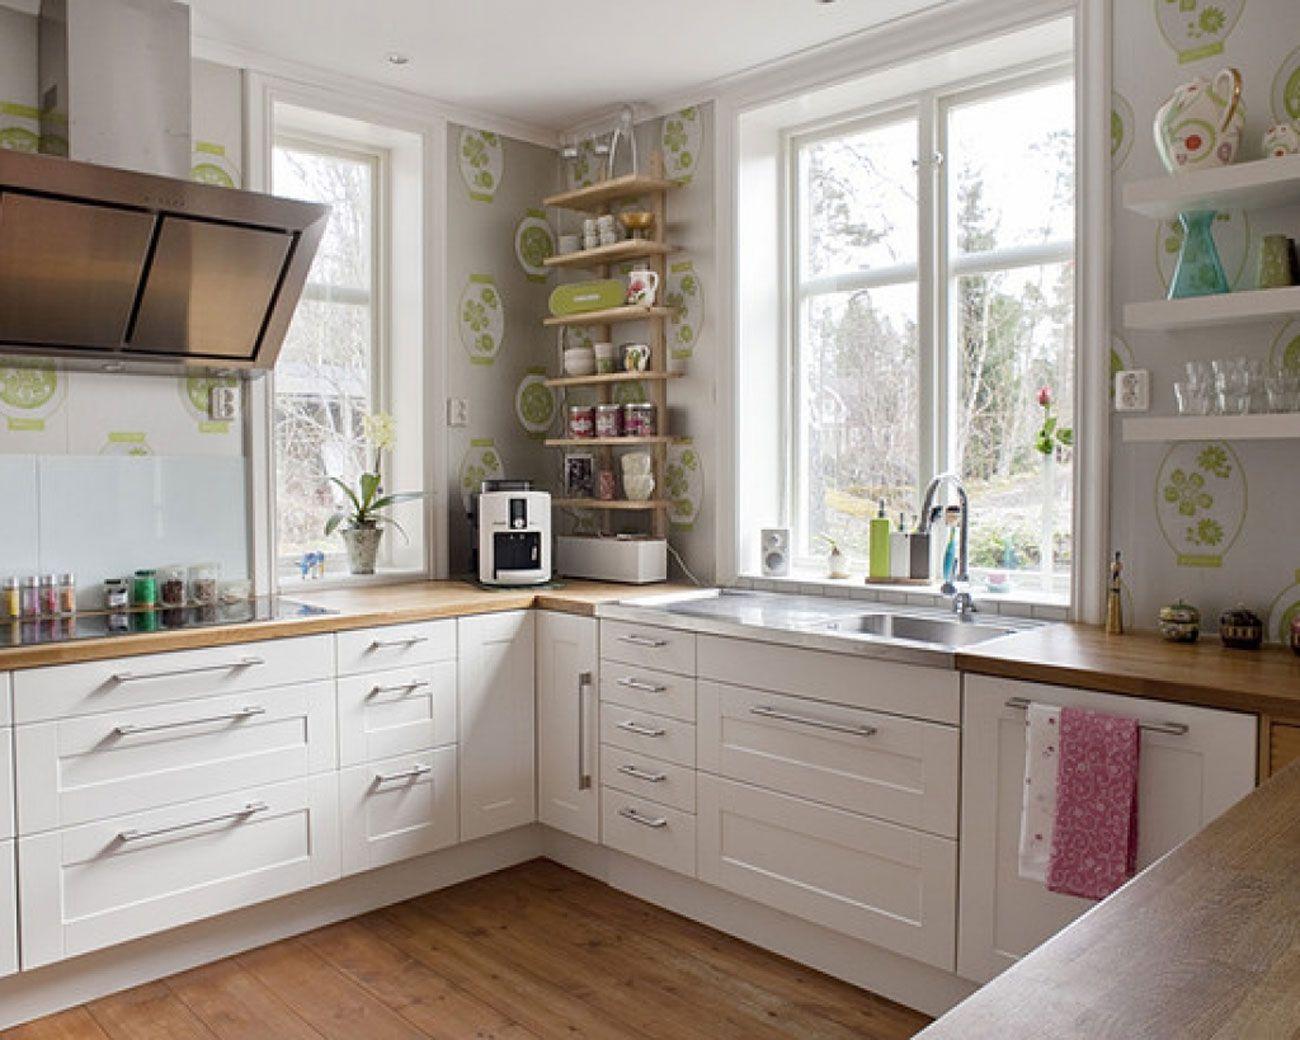 ideias-decoracao-cozinha-pequena